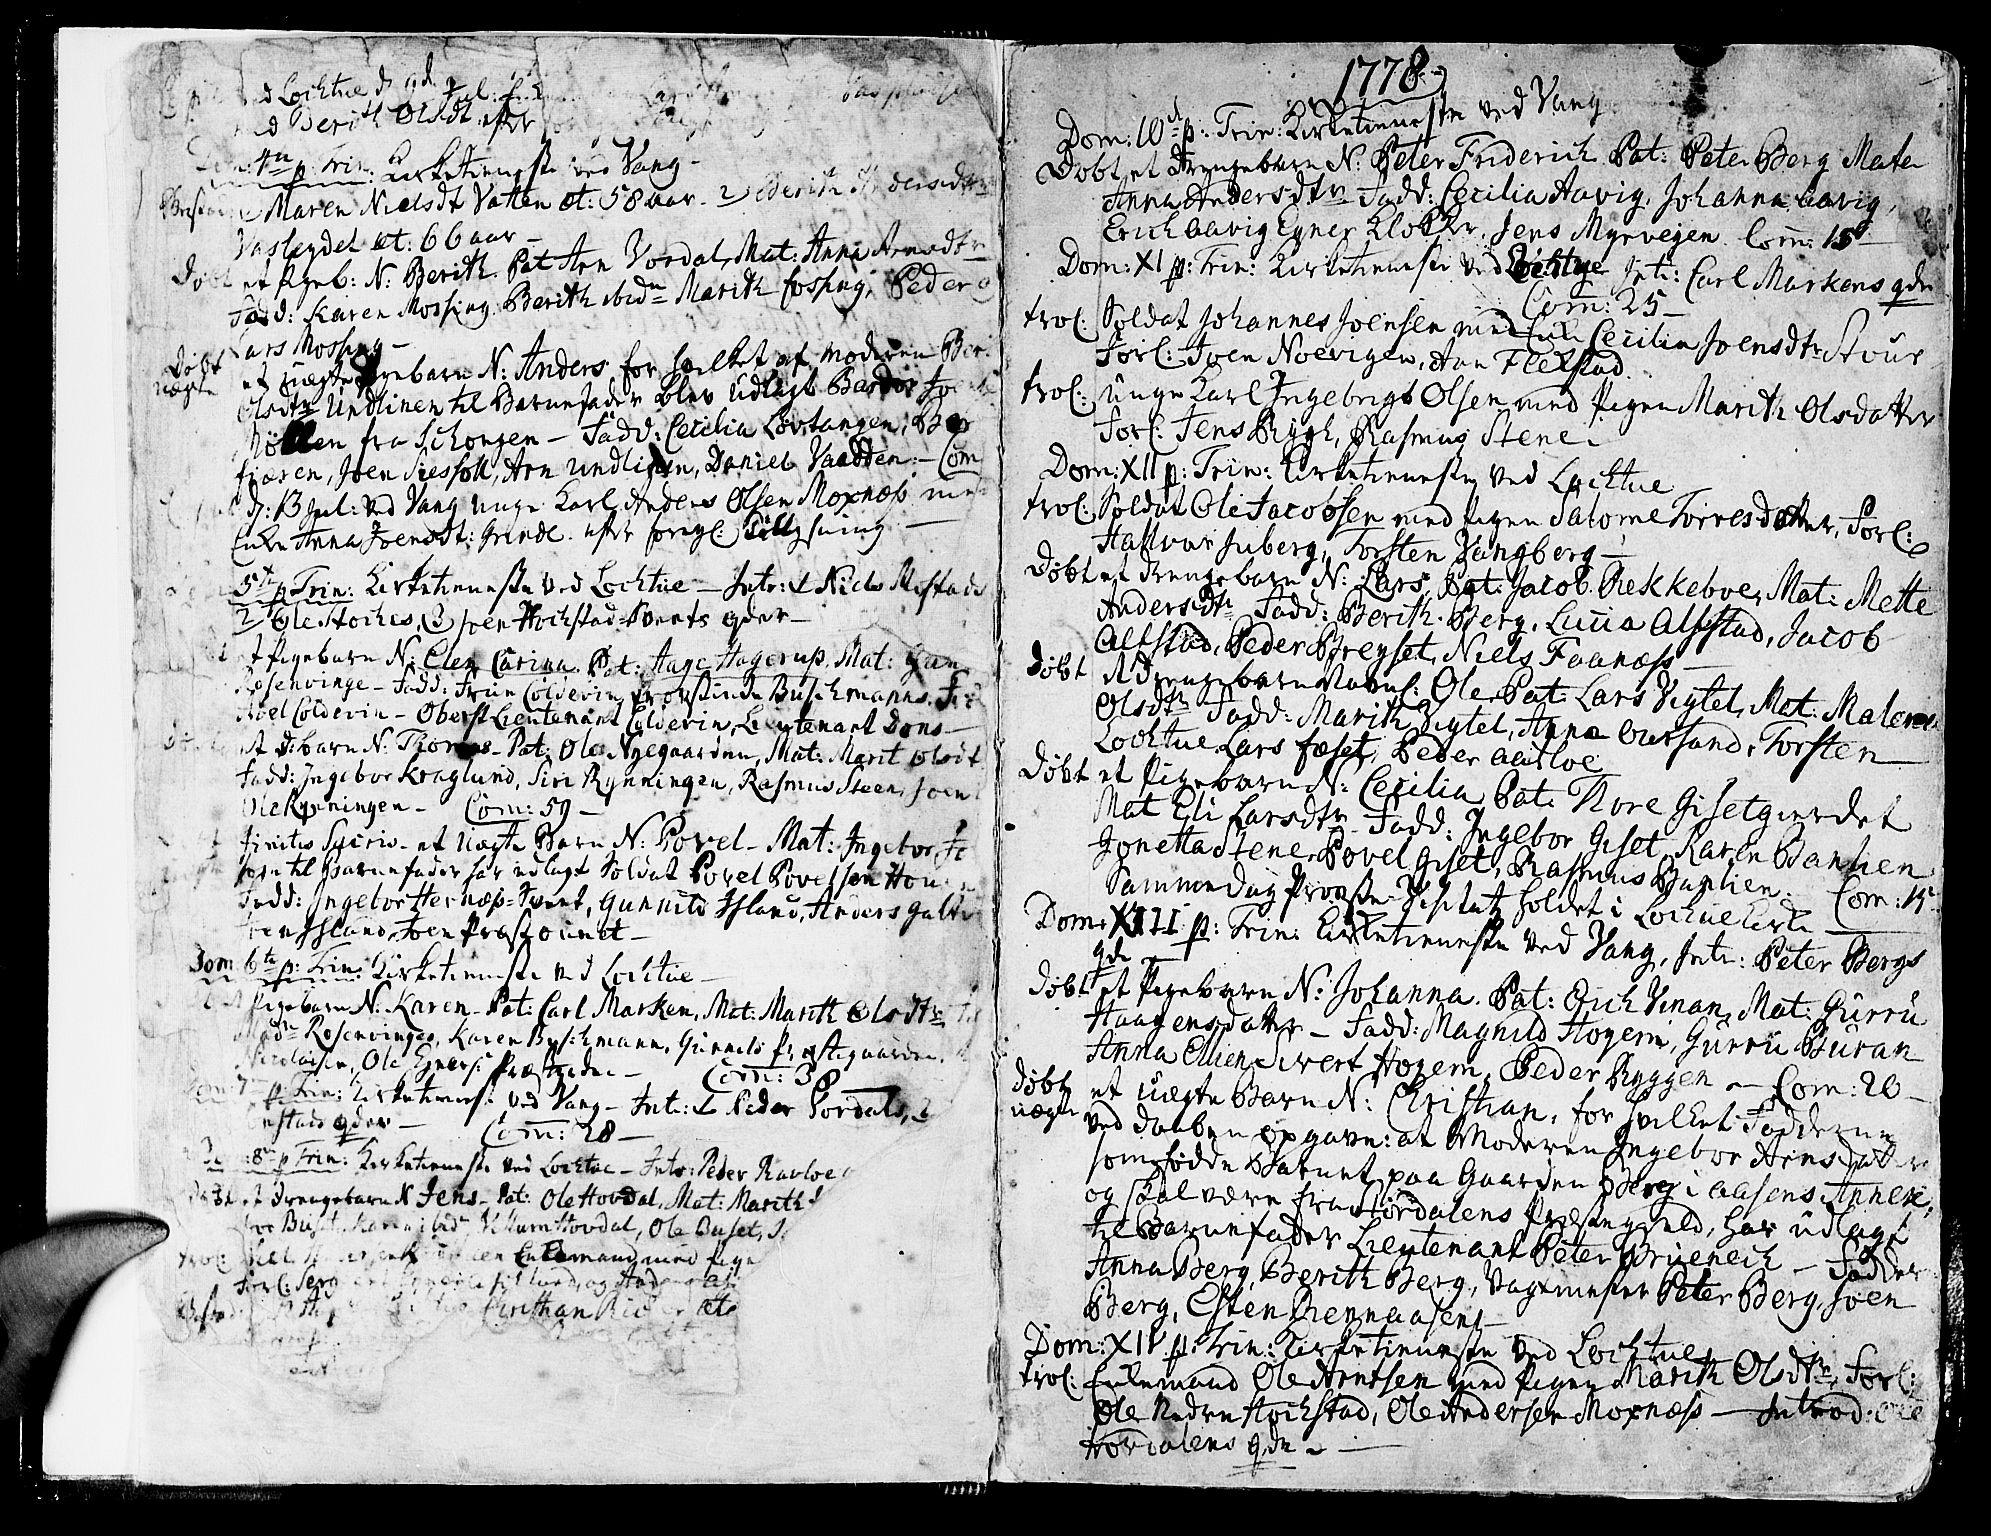 SAT, Ministerialprotokoller, klokkerbøker og fødselsregistre - Nord-Trøndelag, 713/L0110: Ministerialbok nr. 713A02, 1778-1811, s. 0-1